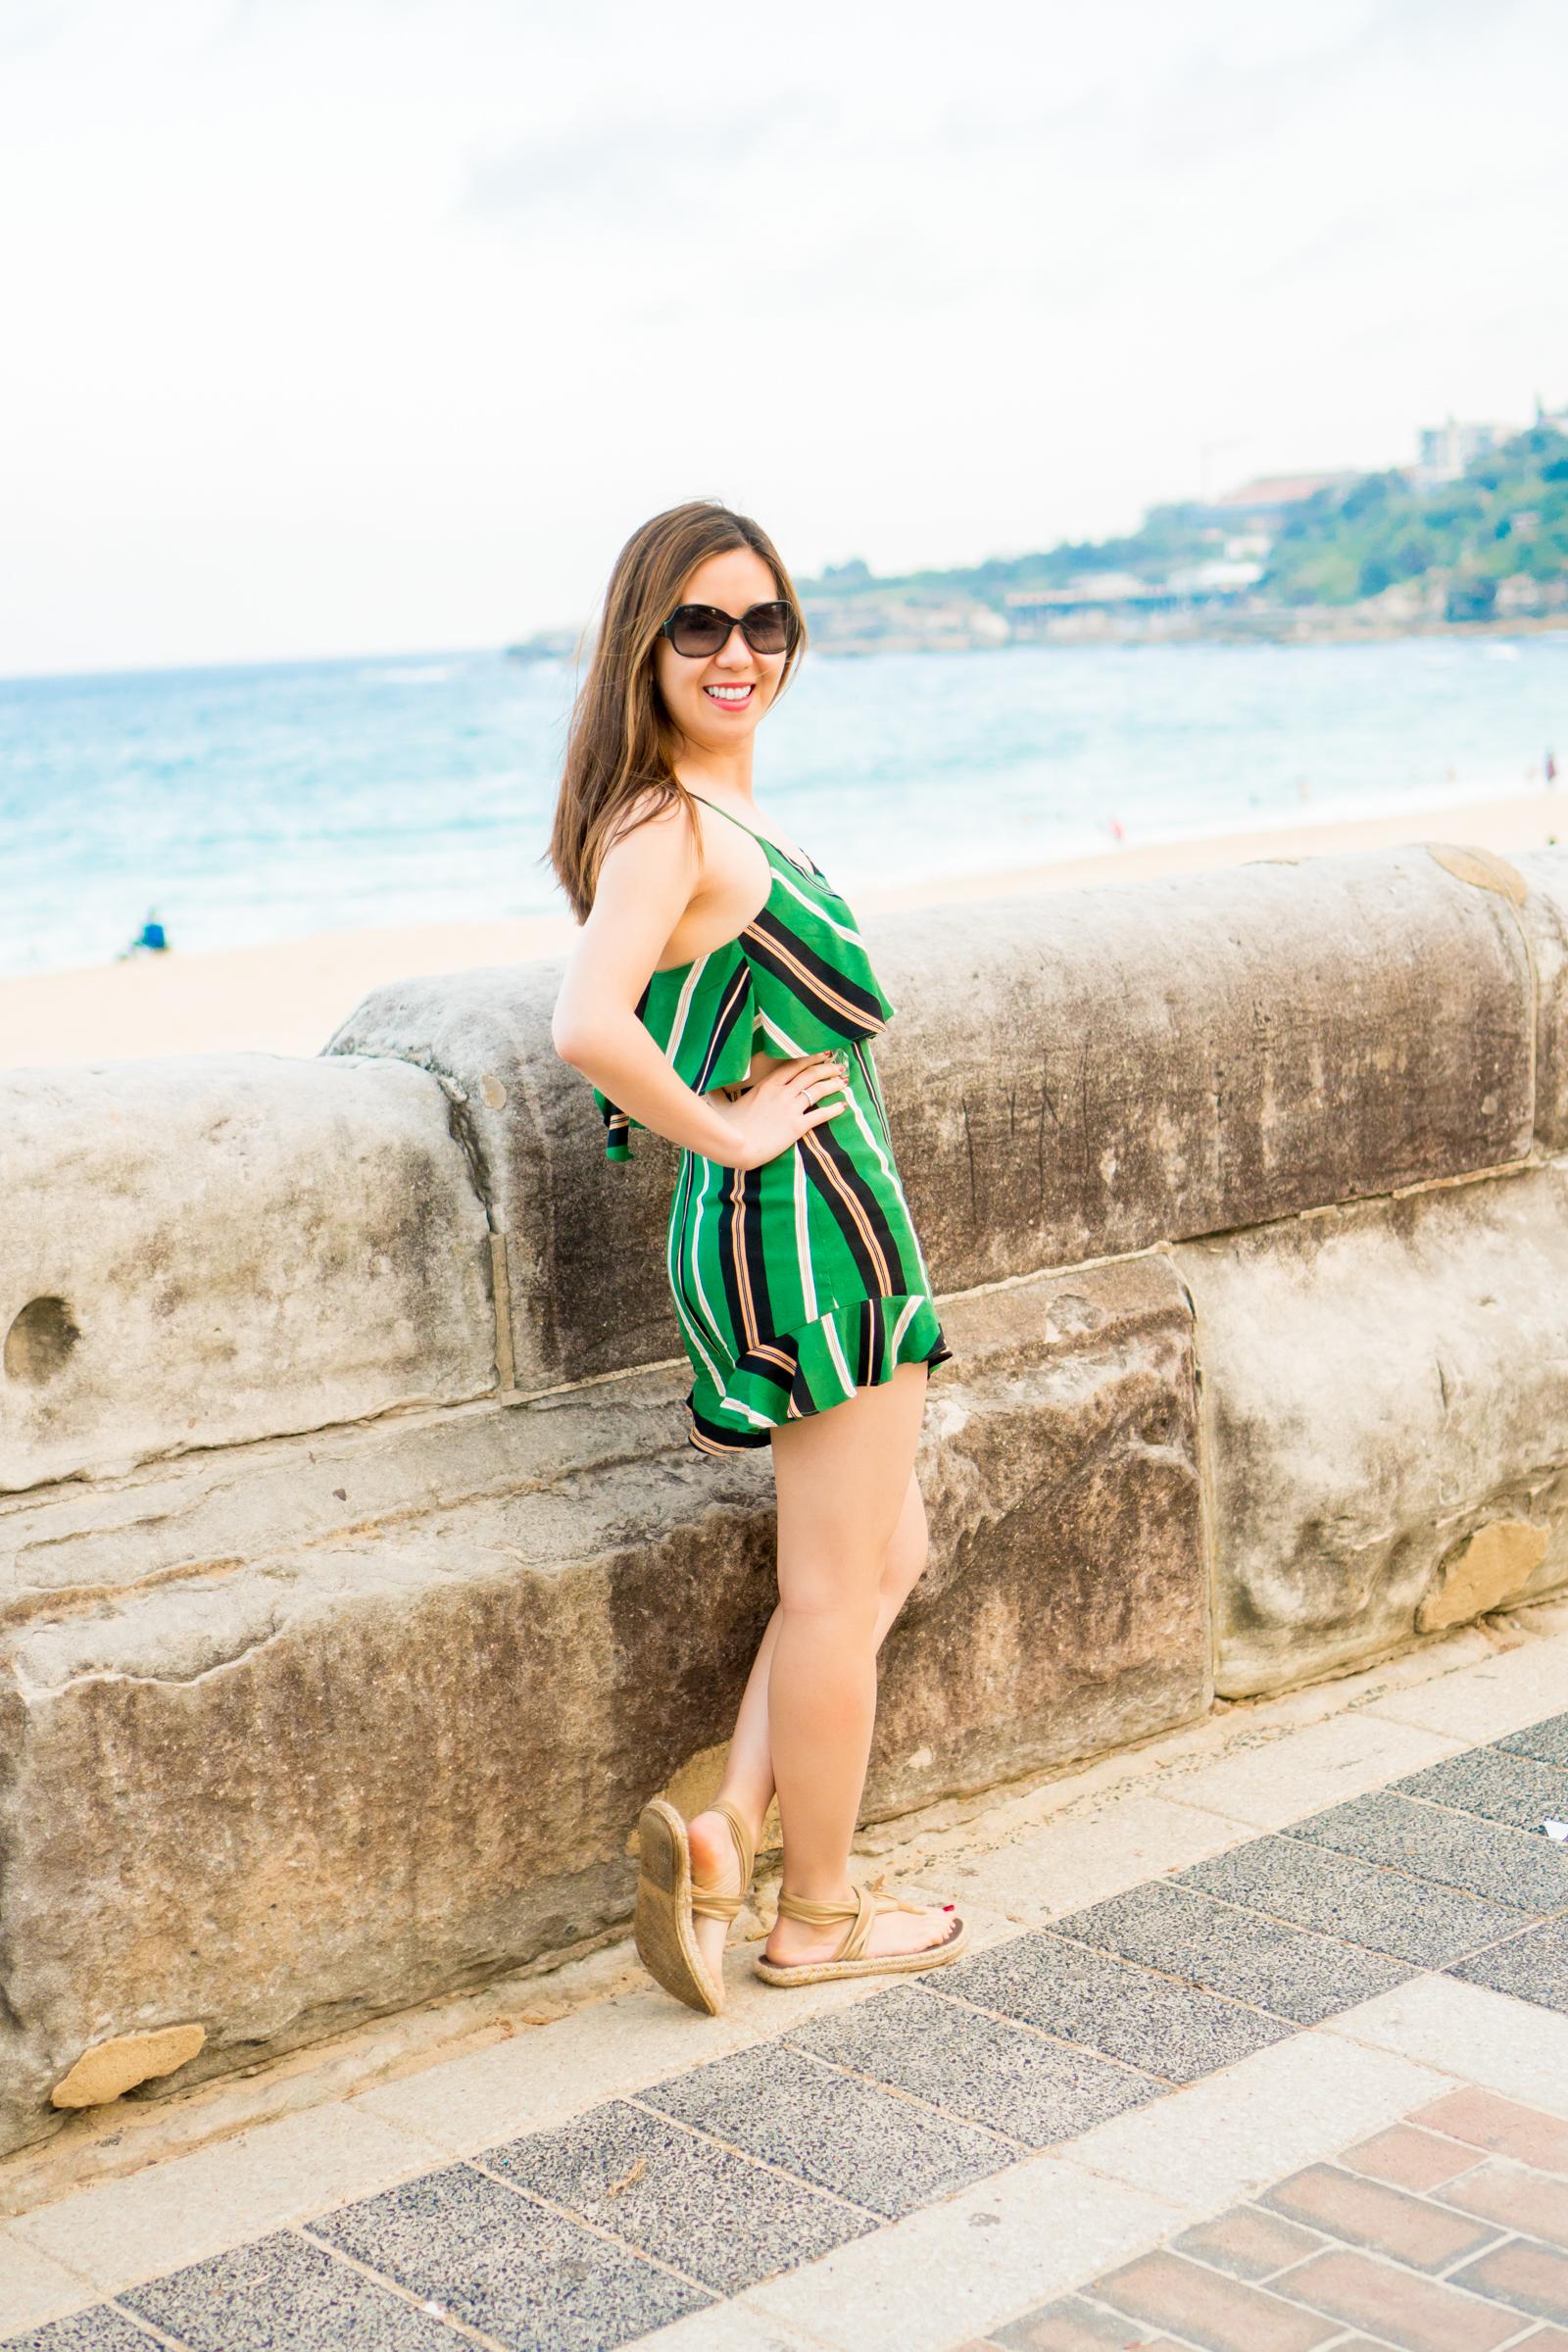 99e7168ab650 green stripe romper bondi beach sydney australia tia perciballi fashion blog